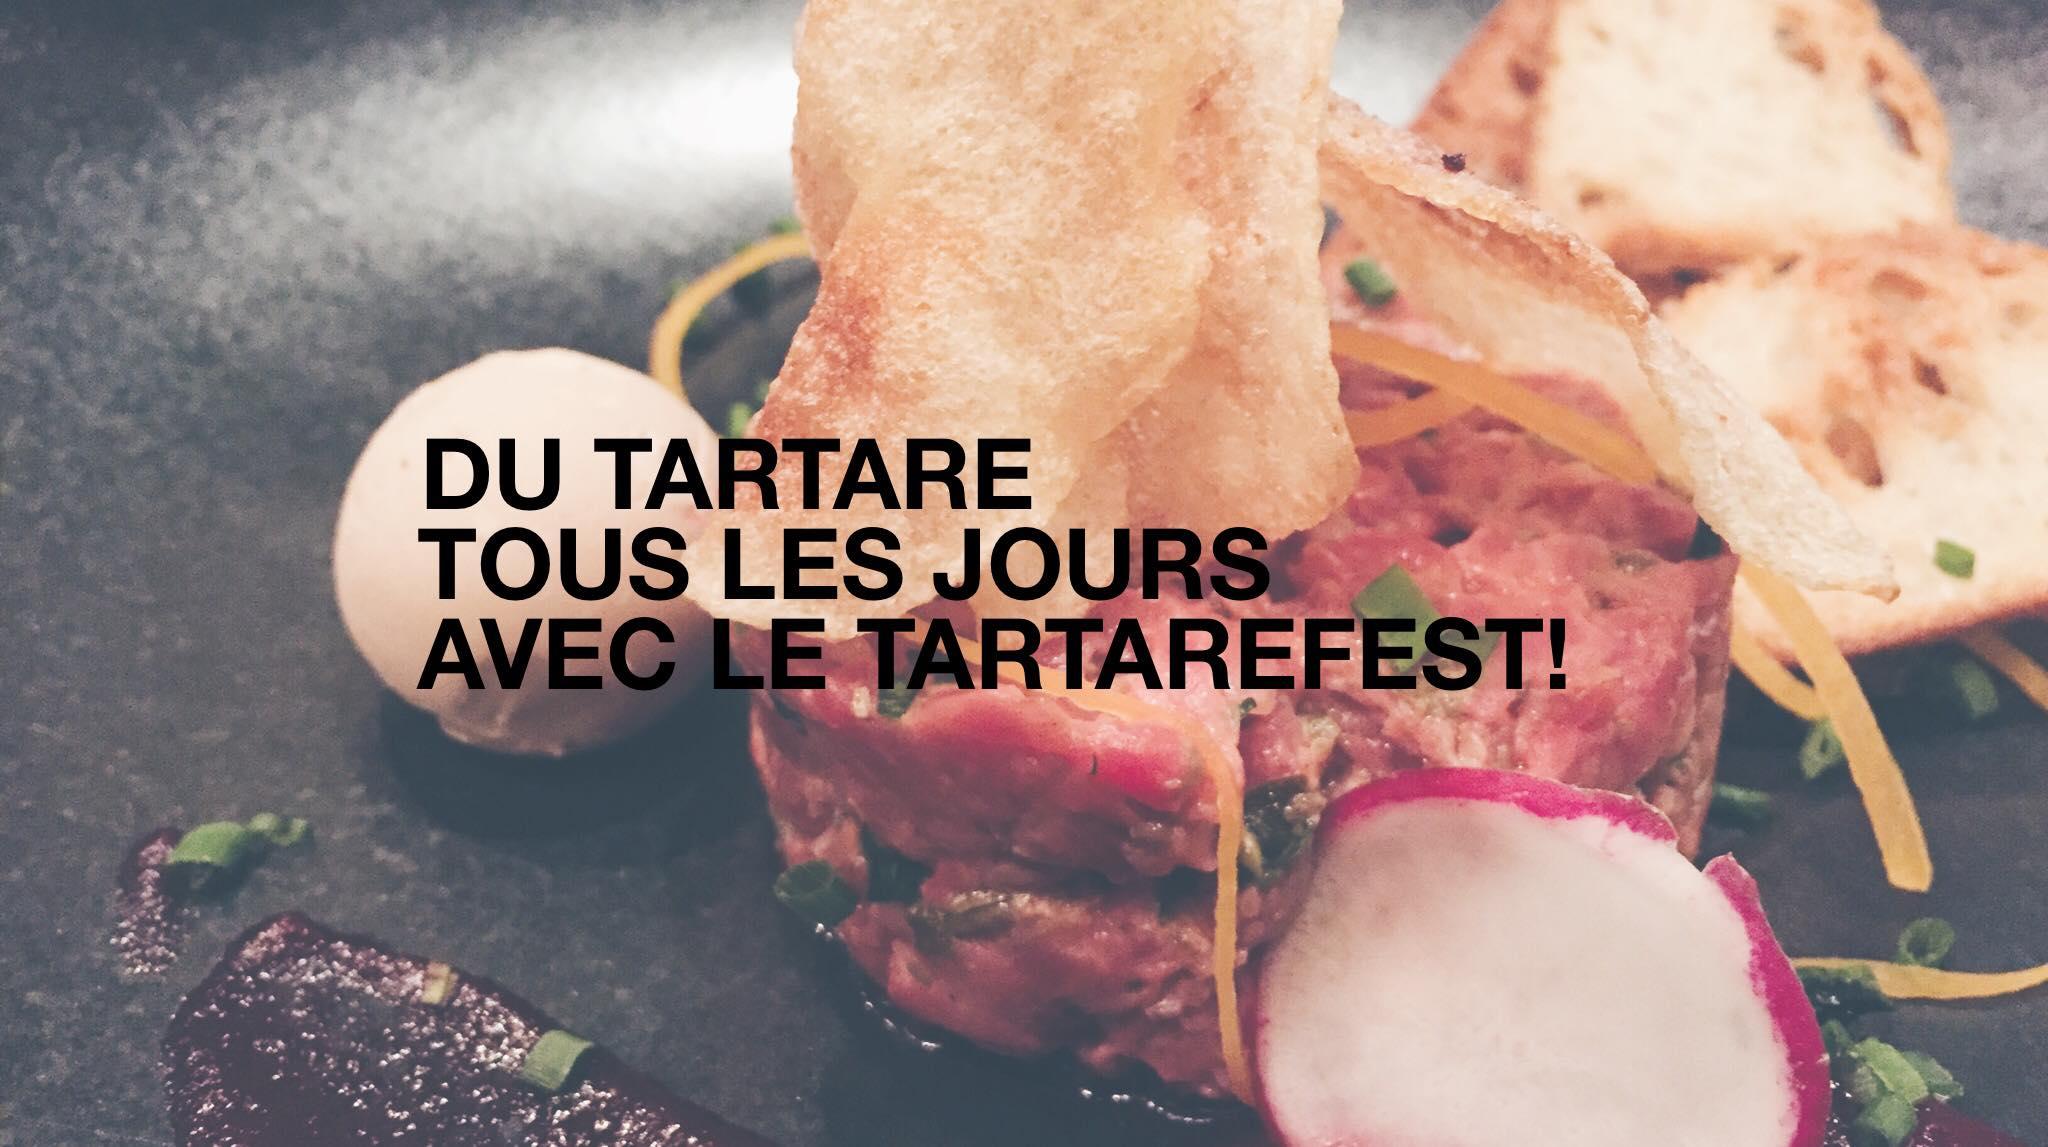 On déguste des tartares avec le Tartarefest de Restomania